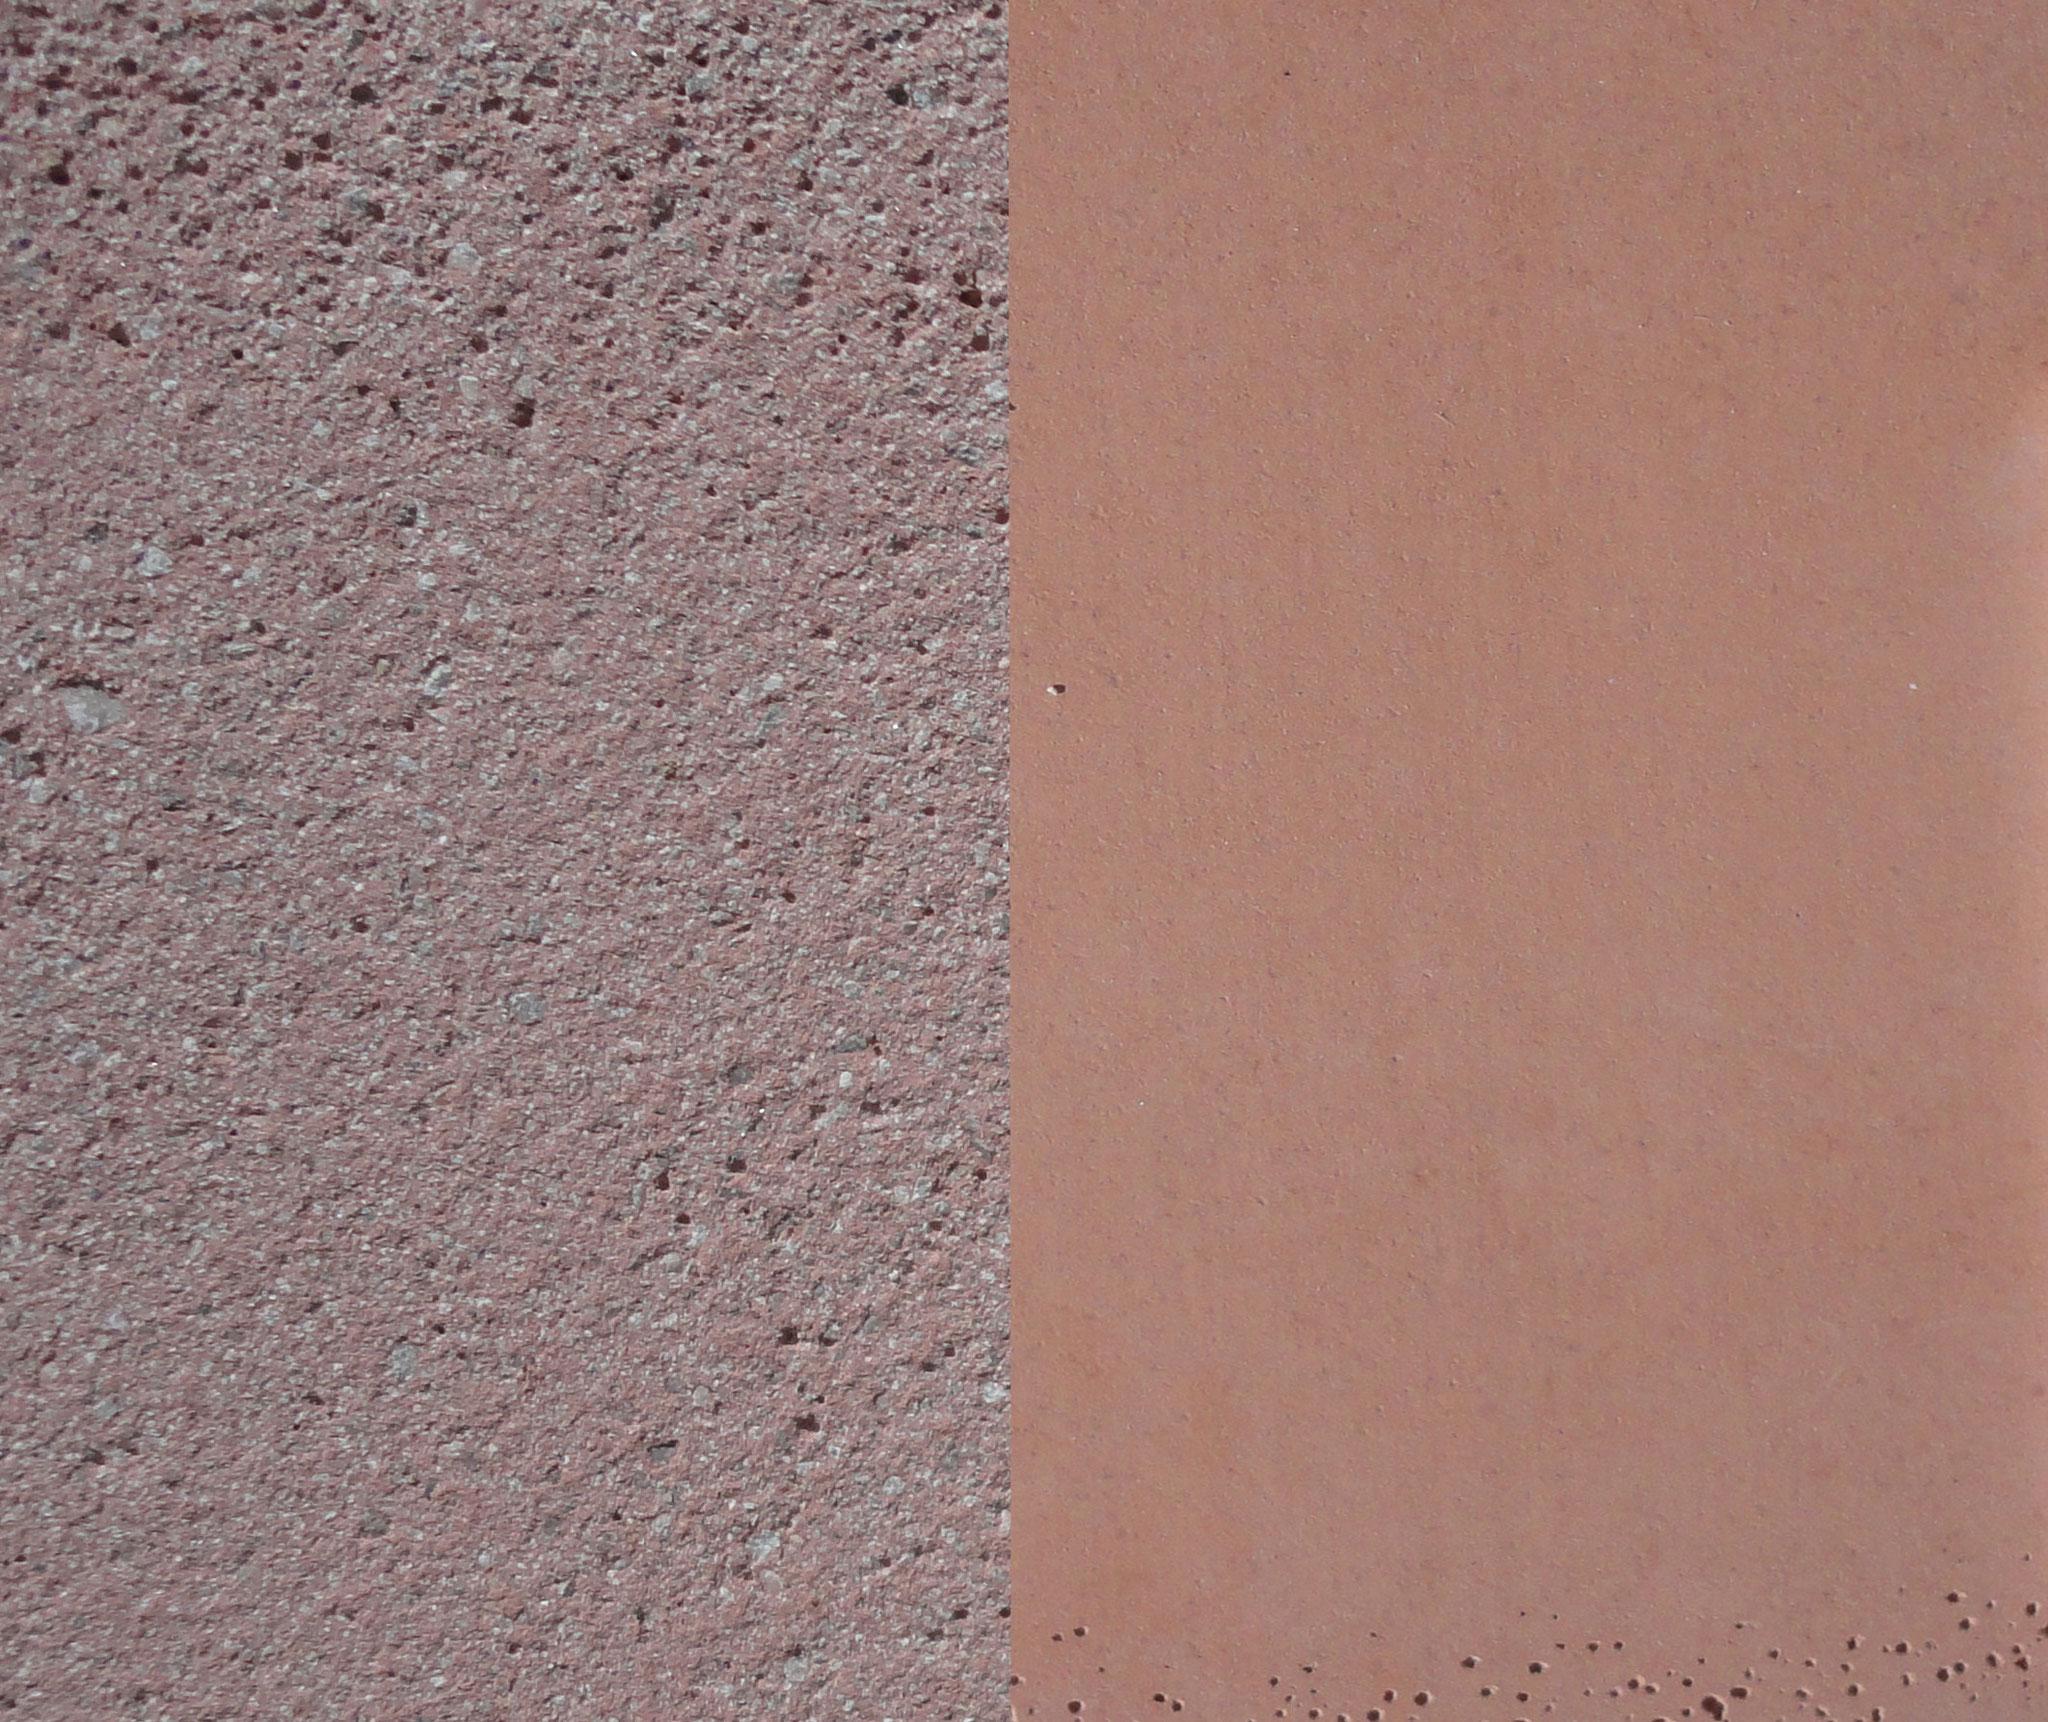 Farbe: Kupfer, Farbnummer: 10, sandgestrahlt/schalrein